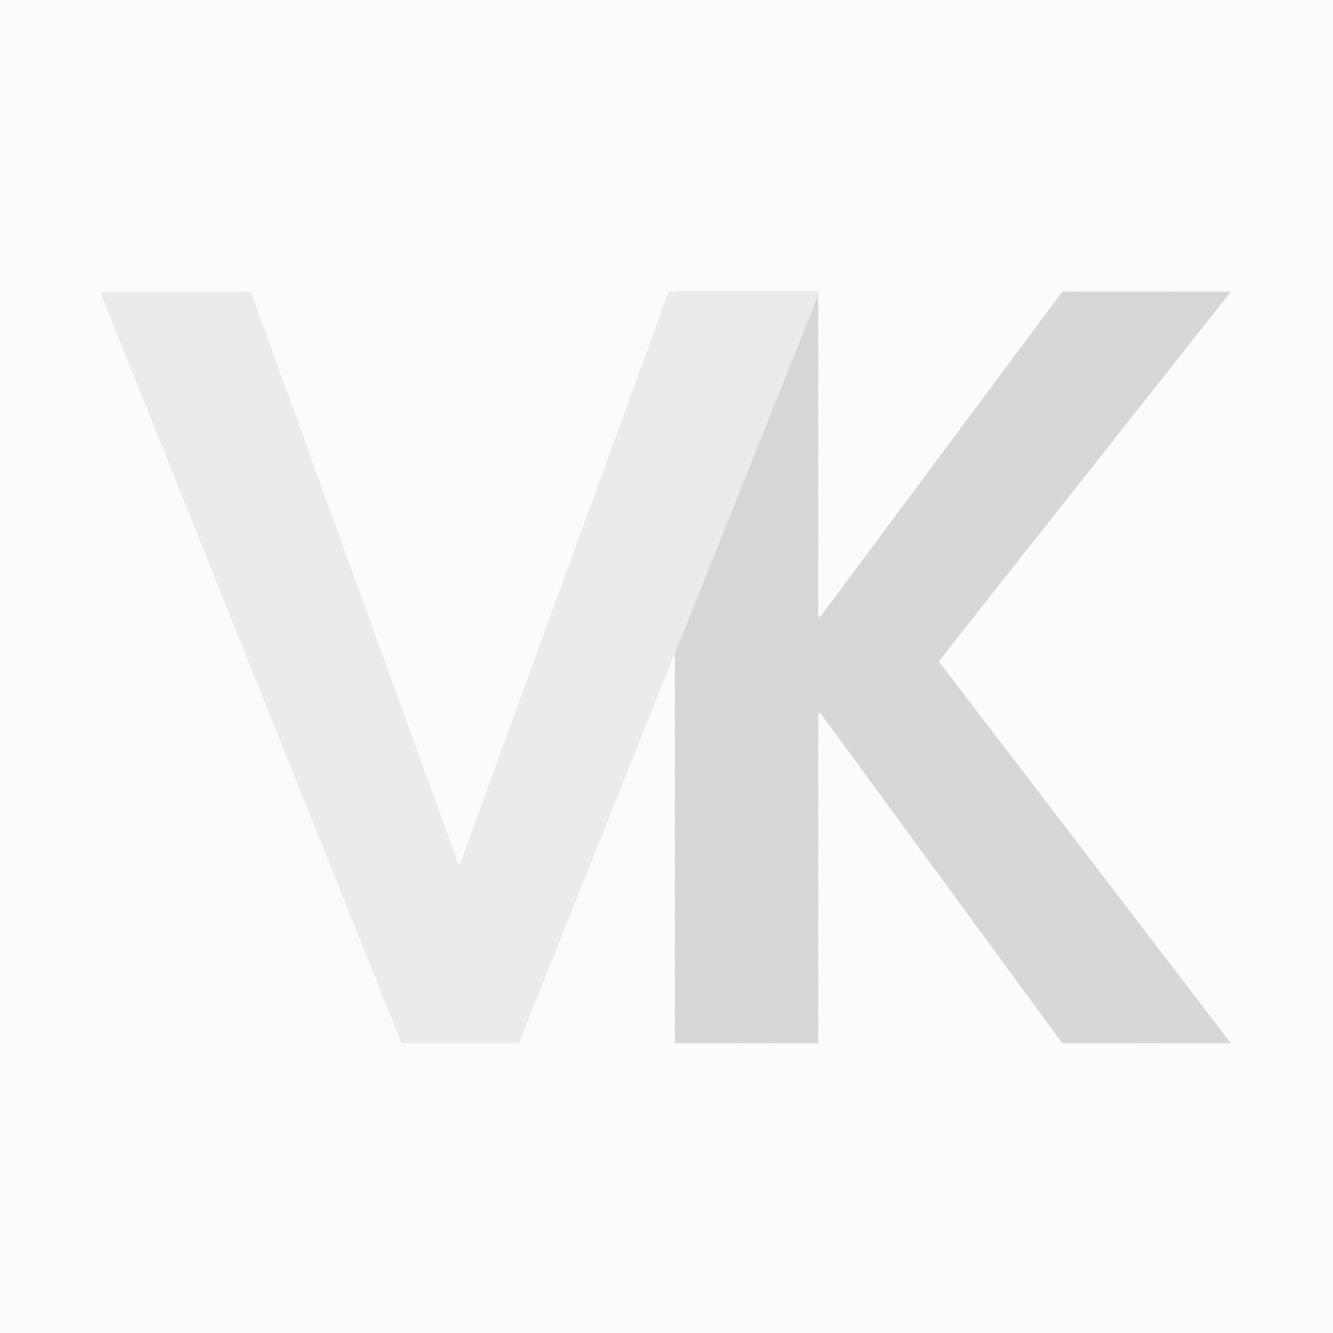 Schwarzkopf Igora Colorworx Intense Turquoise 100ml